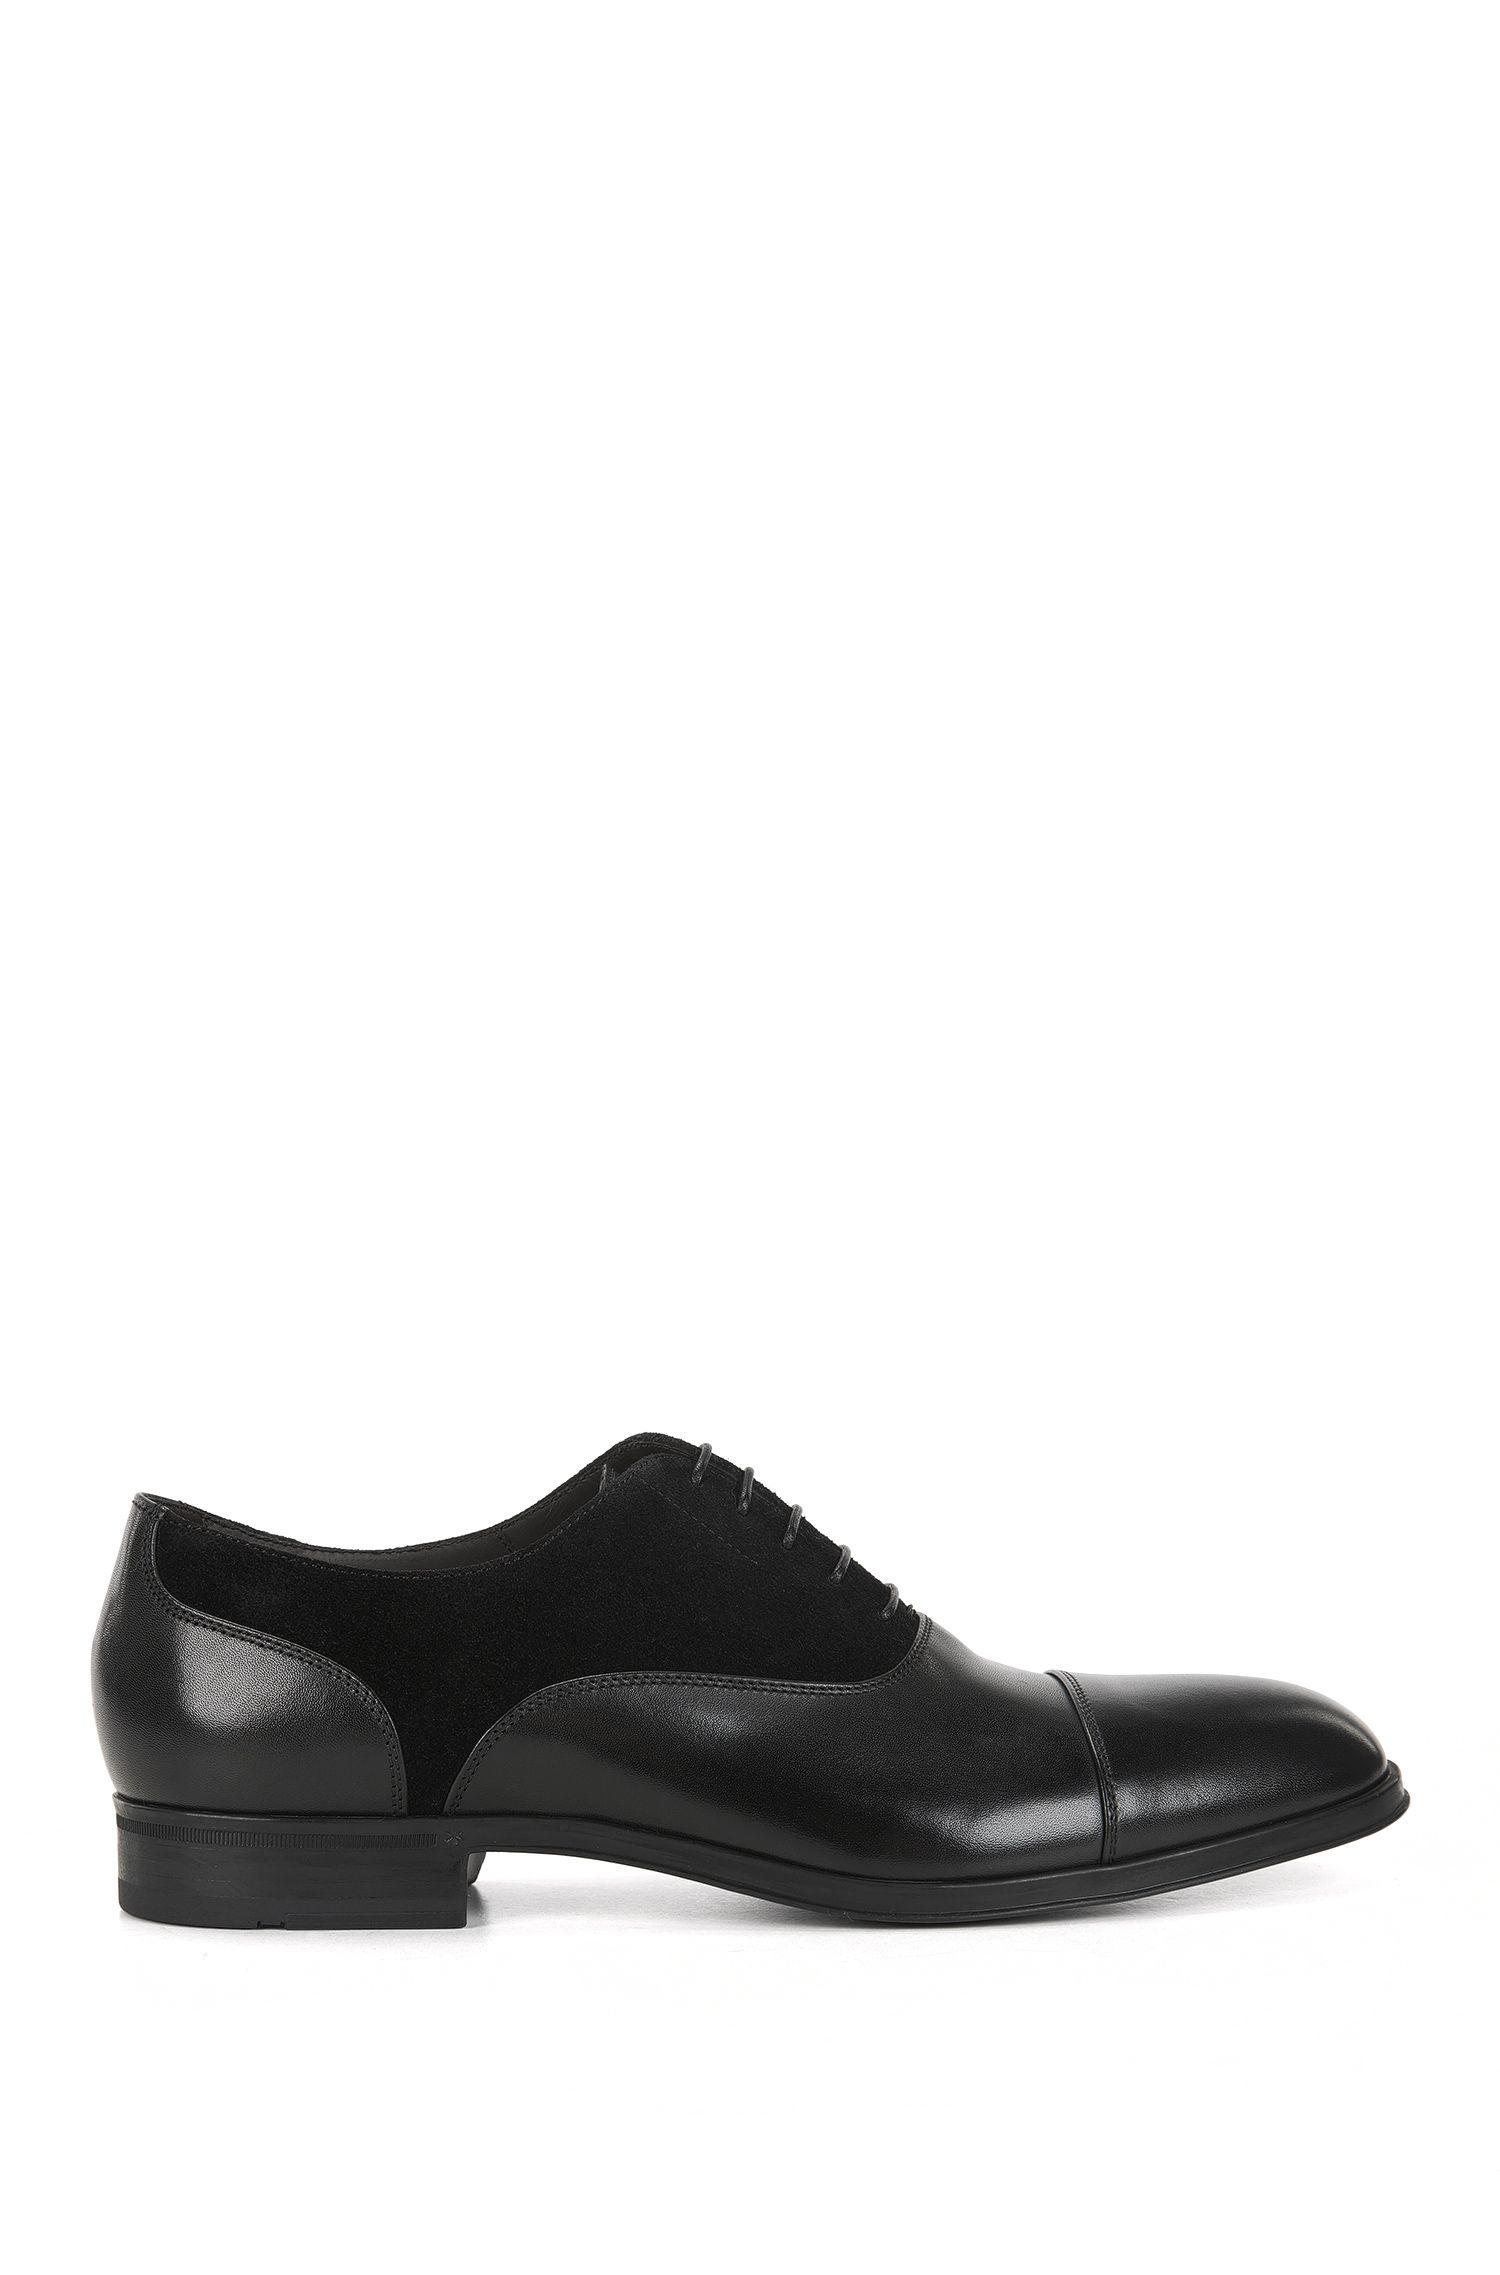 Suede & Leather Saddle Dress Shoe | Eton Oxfr Sdct